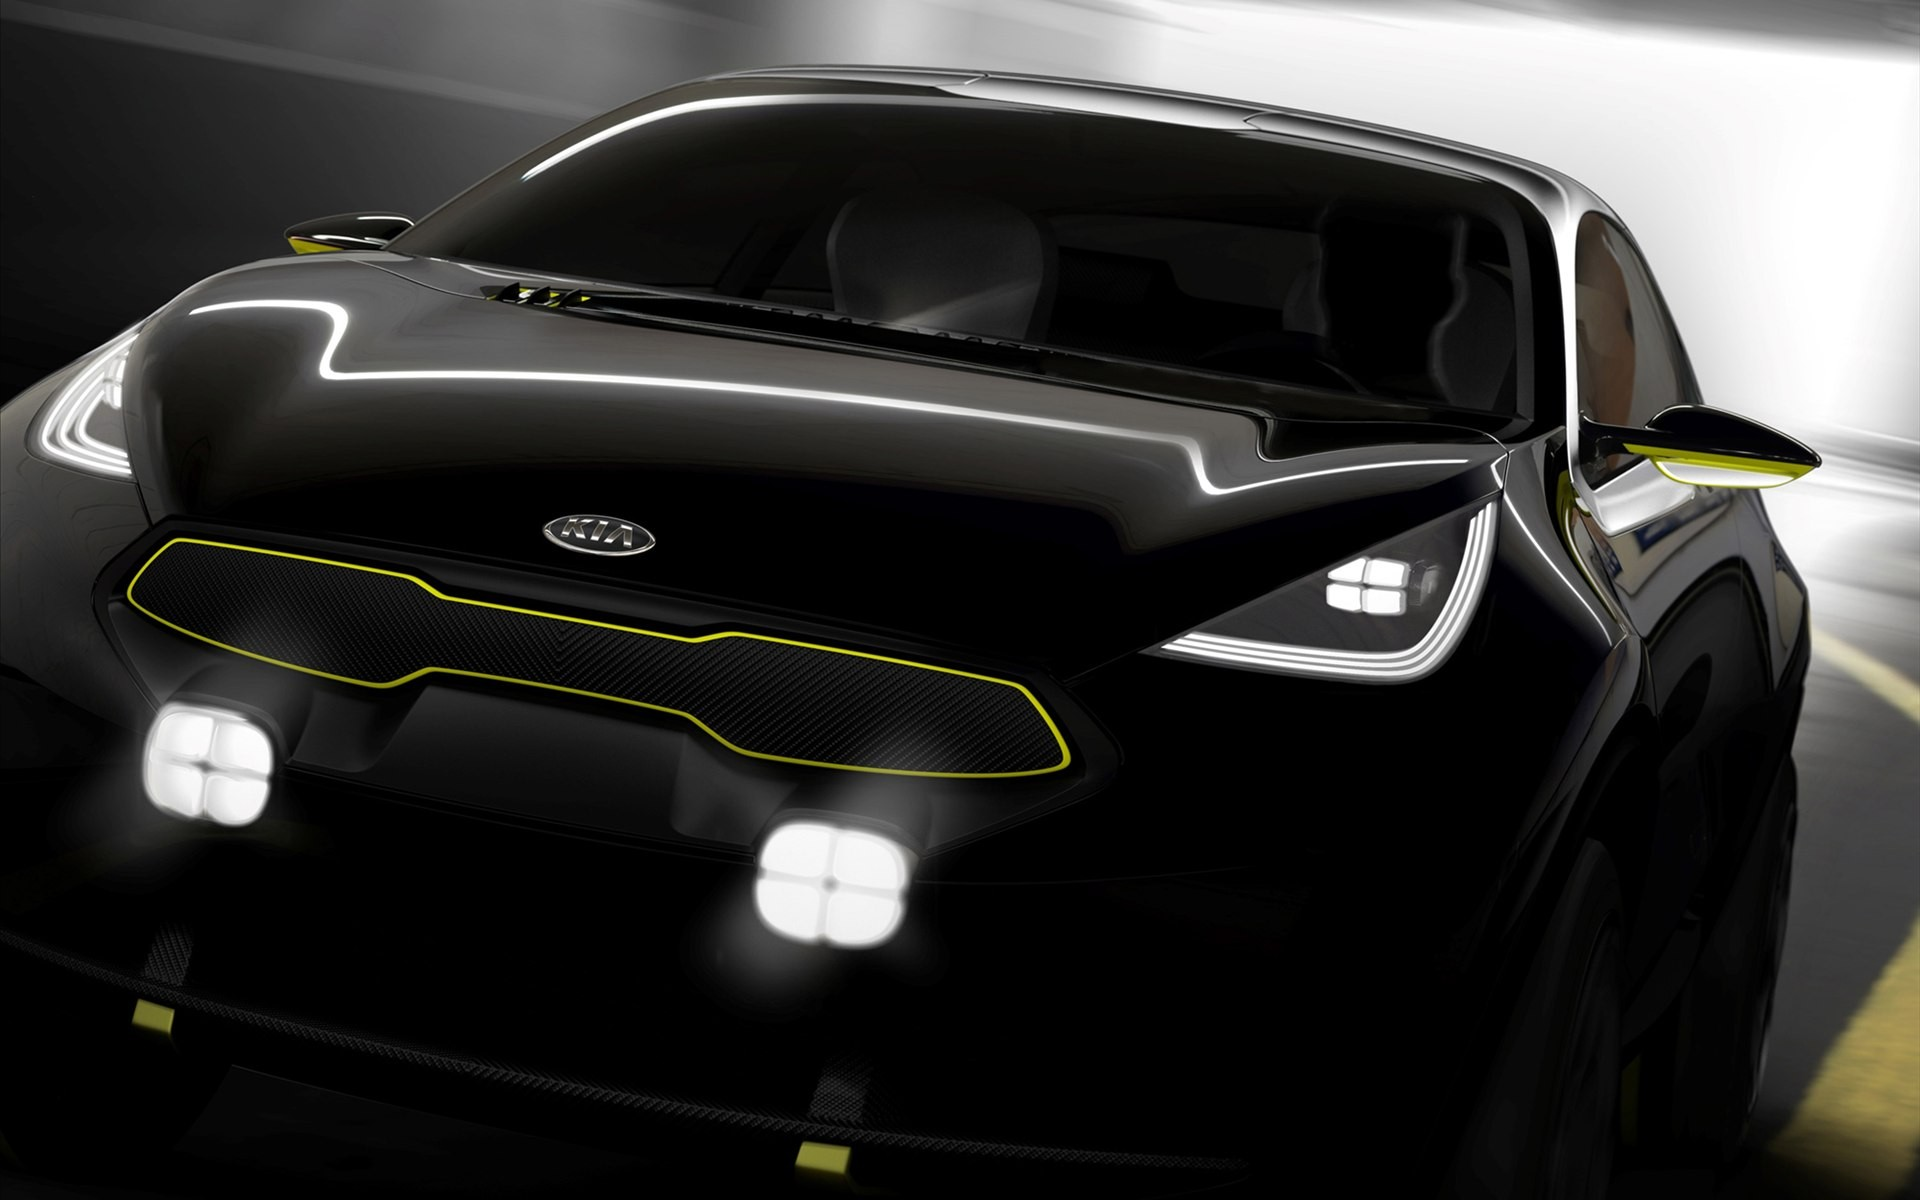 Kia Soul Ev >> 2013 Kia B Segment Concept Wallpaper | HD Car Wallpapers ...